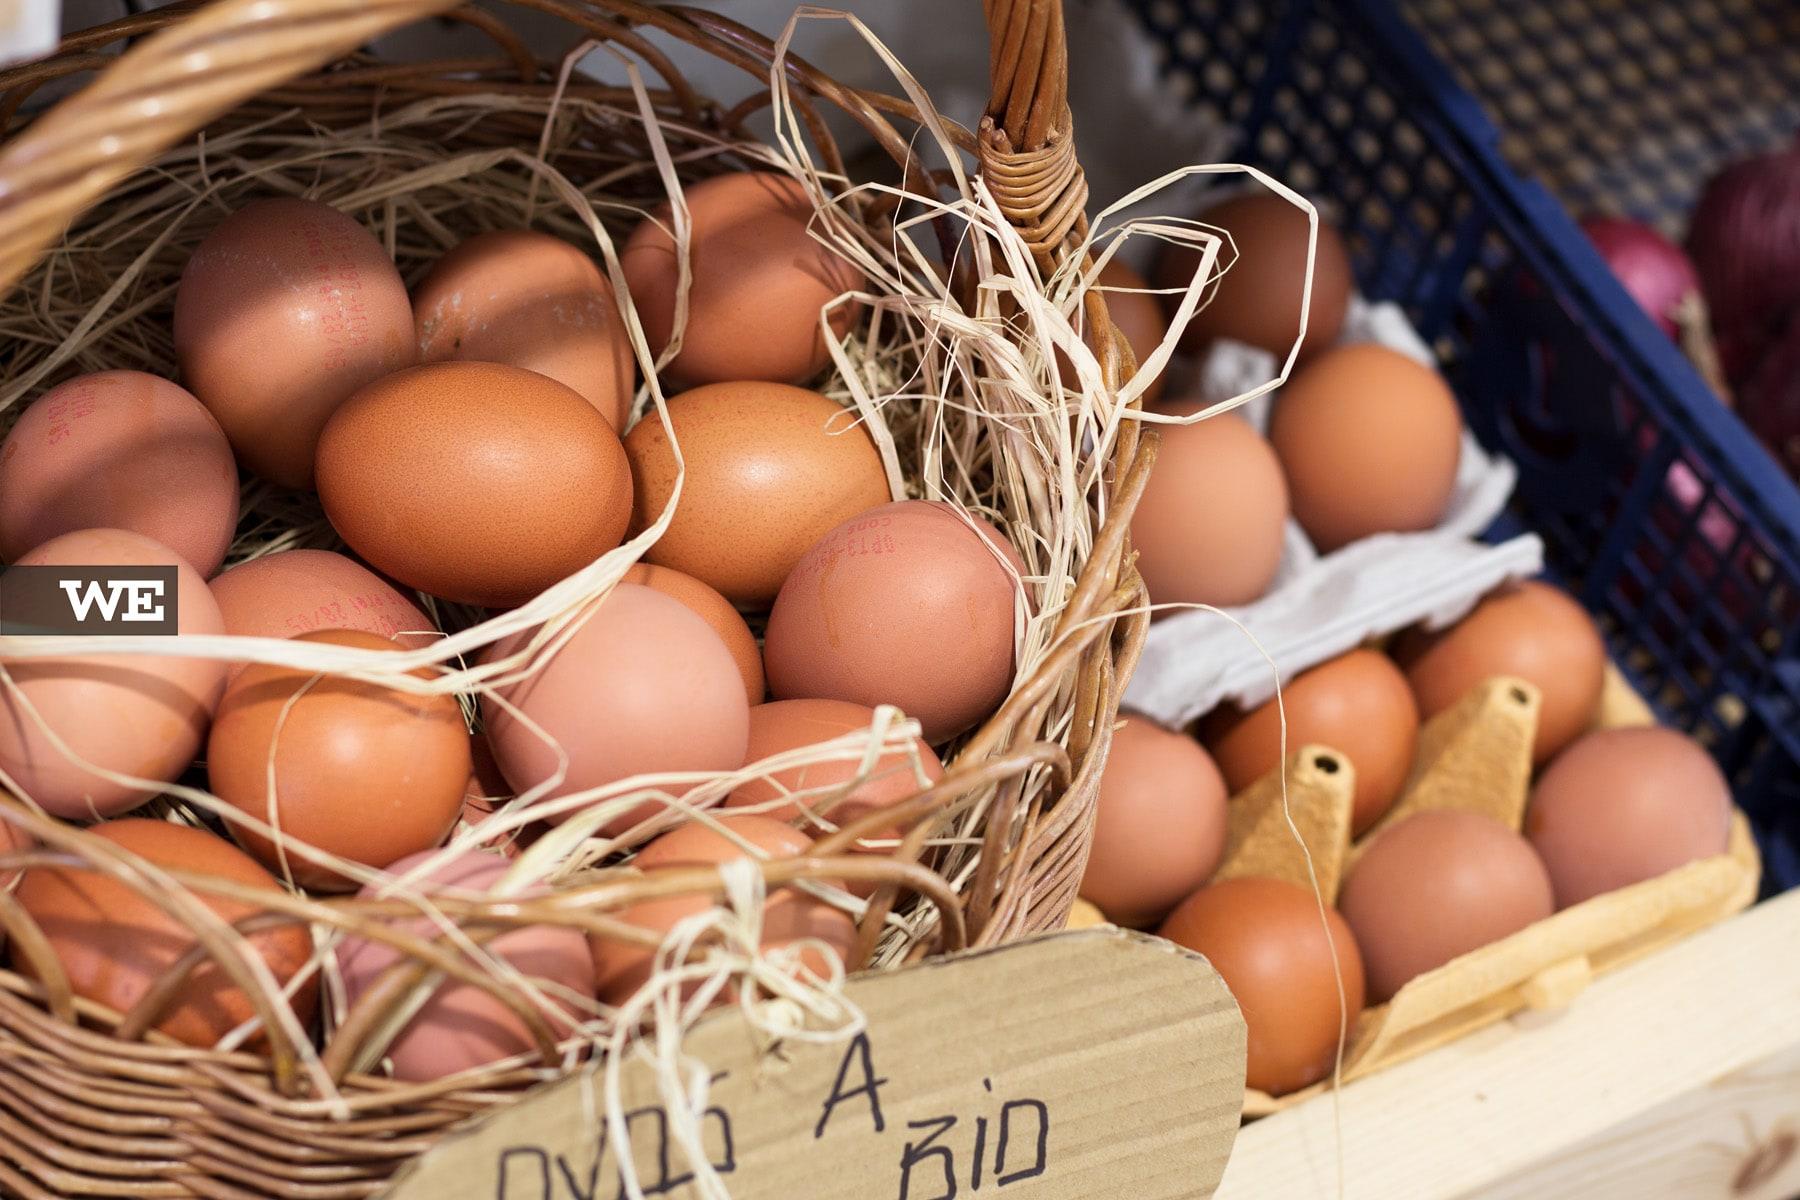 Ovos Biológicos Mercado Bio